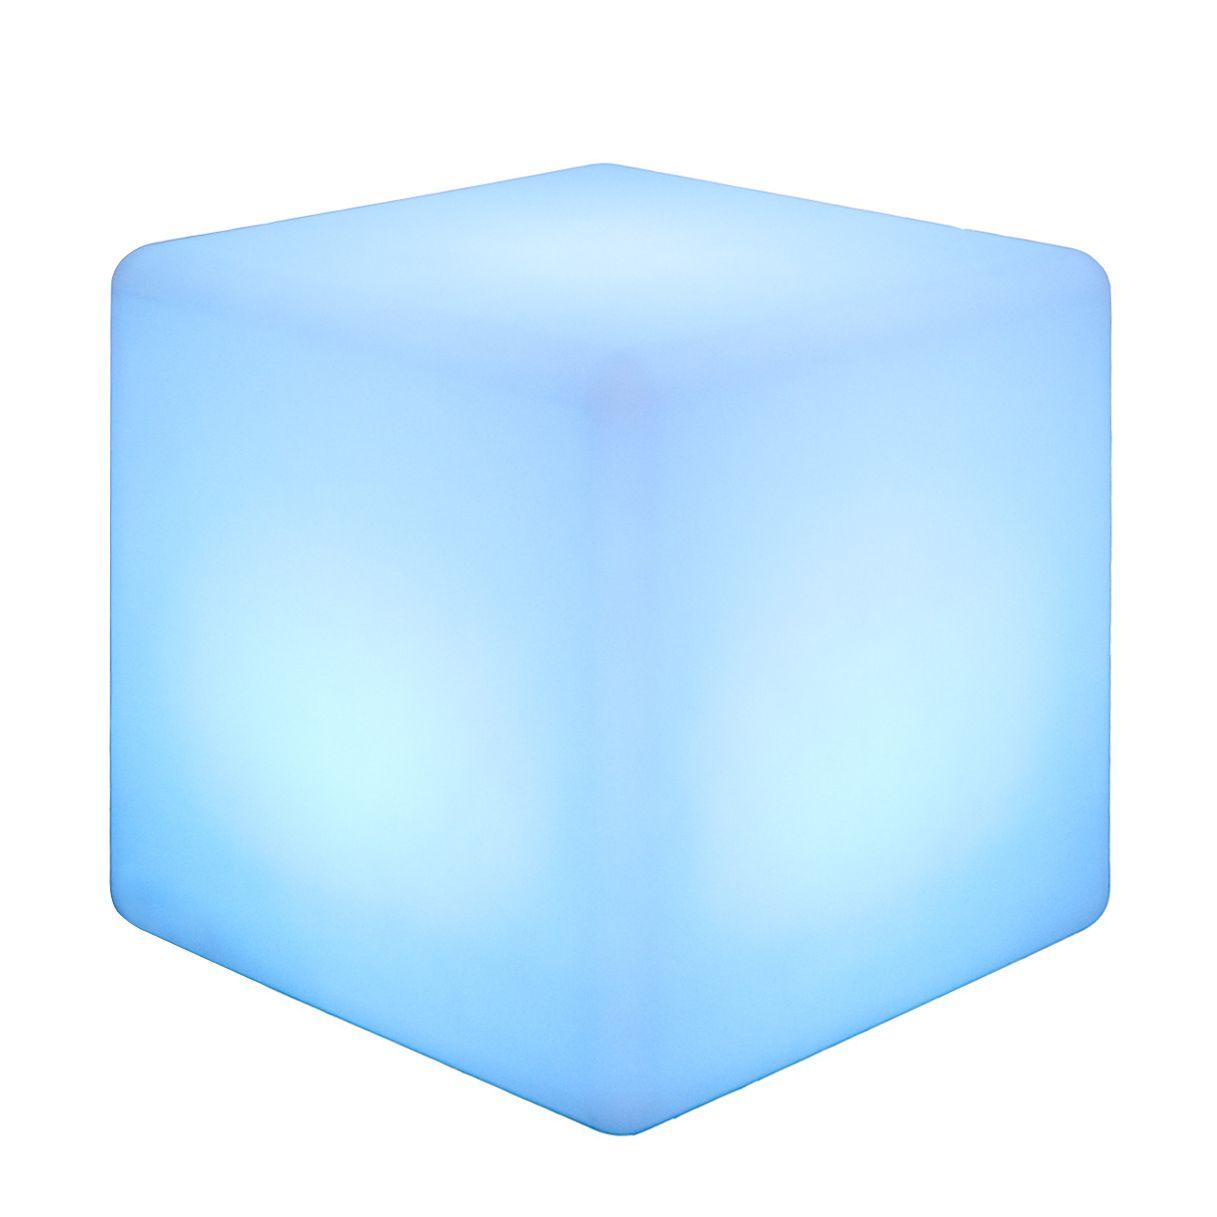 Hocker FIREFLY von FURNITIVE mit Beleuchtung - blau